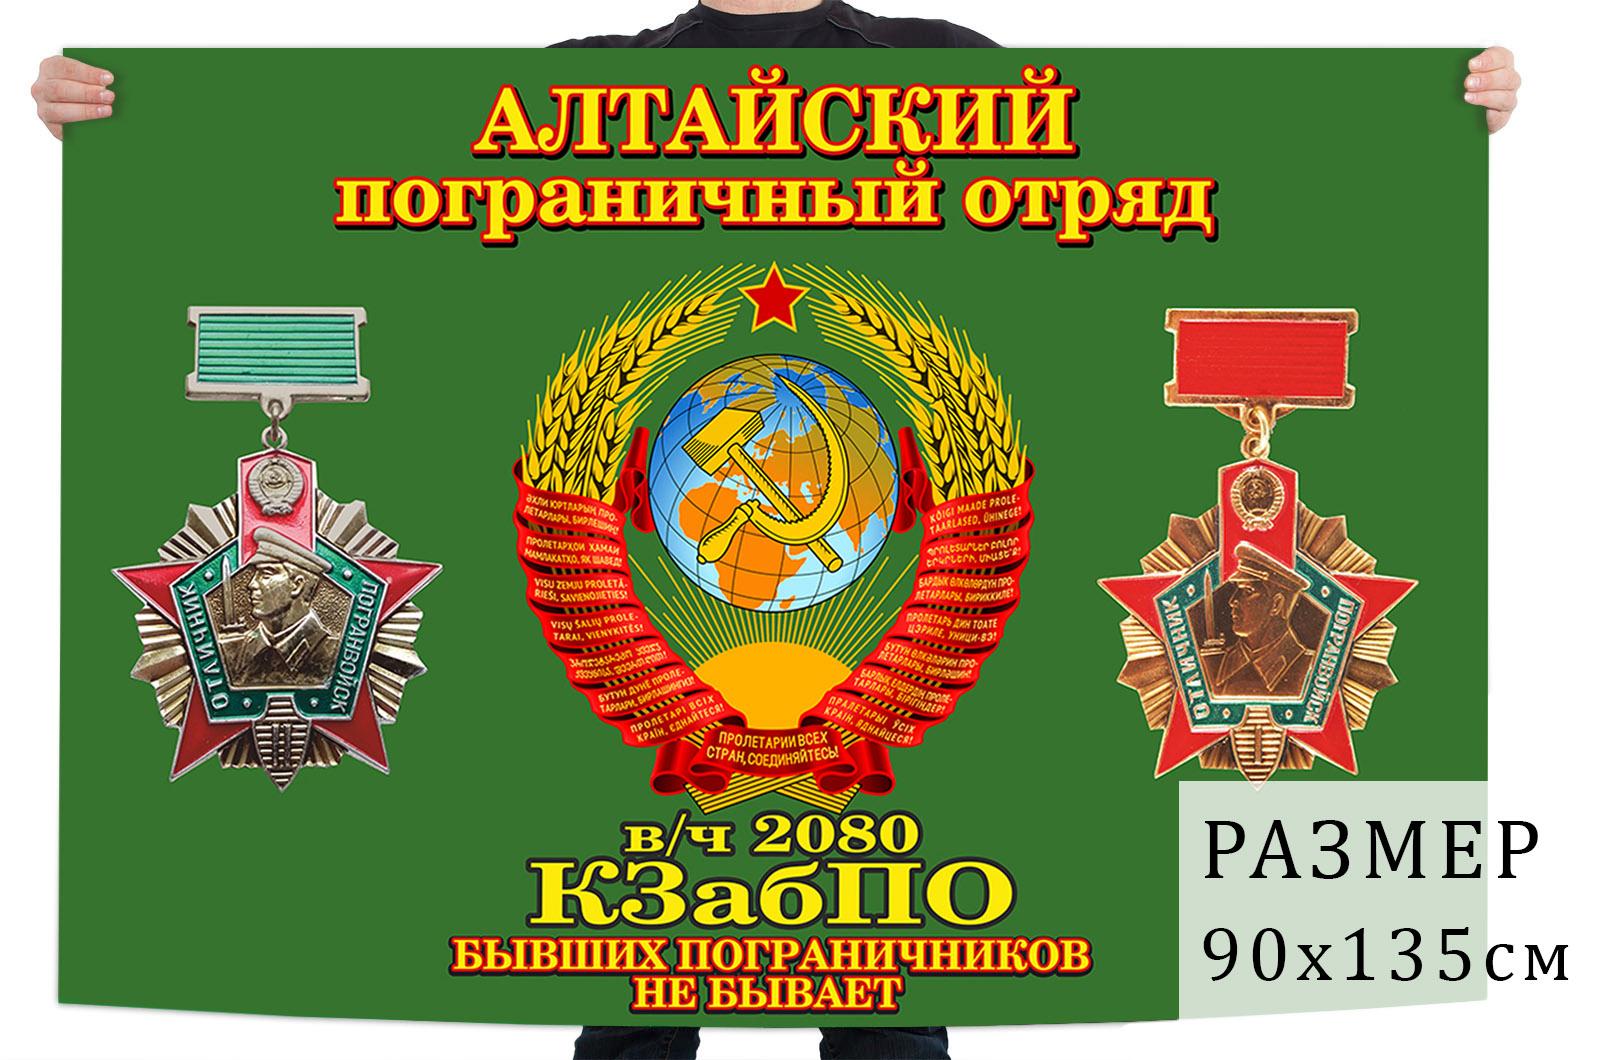 Флаг Алтайского пограничного отряда